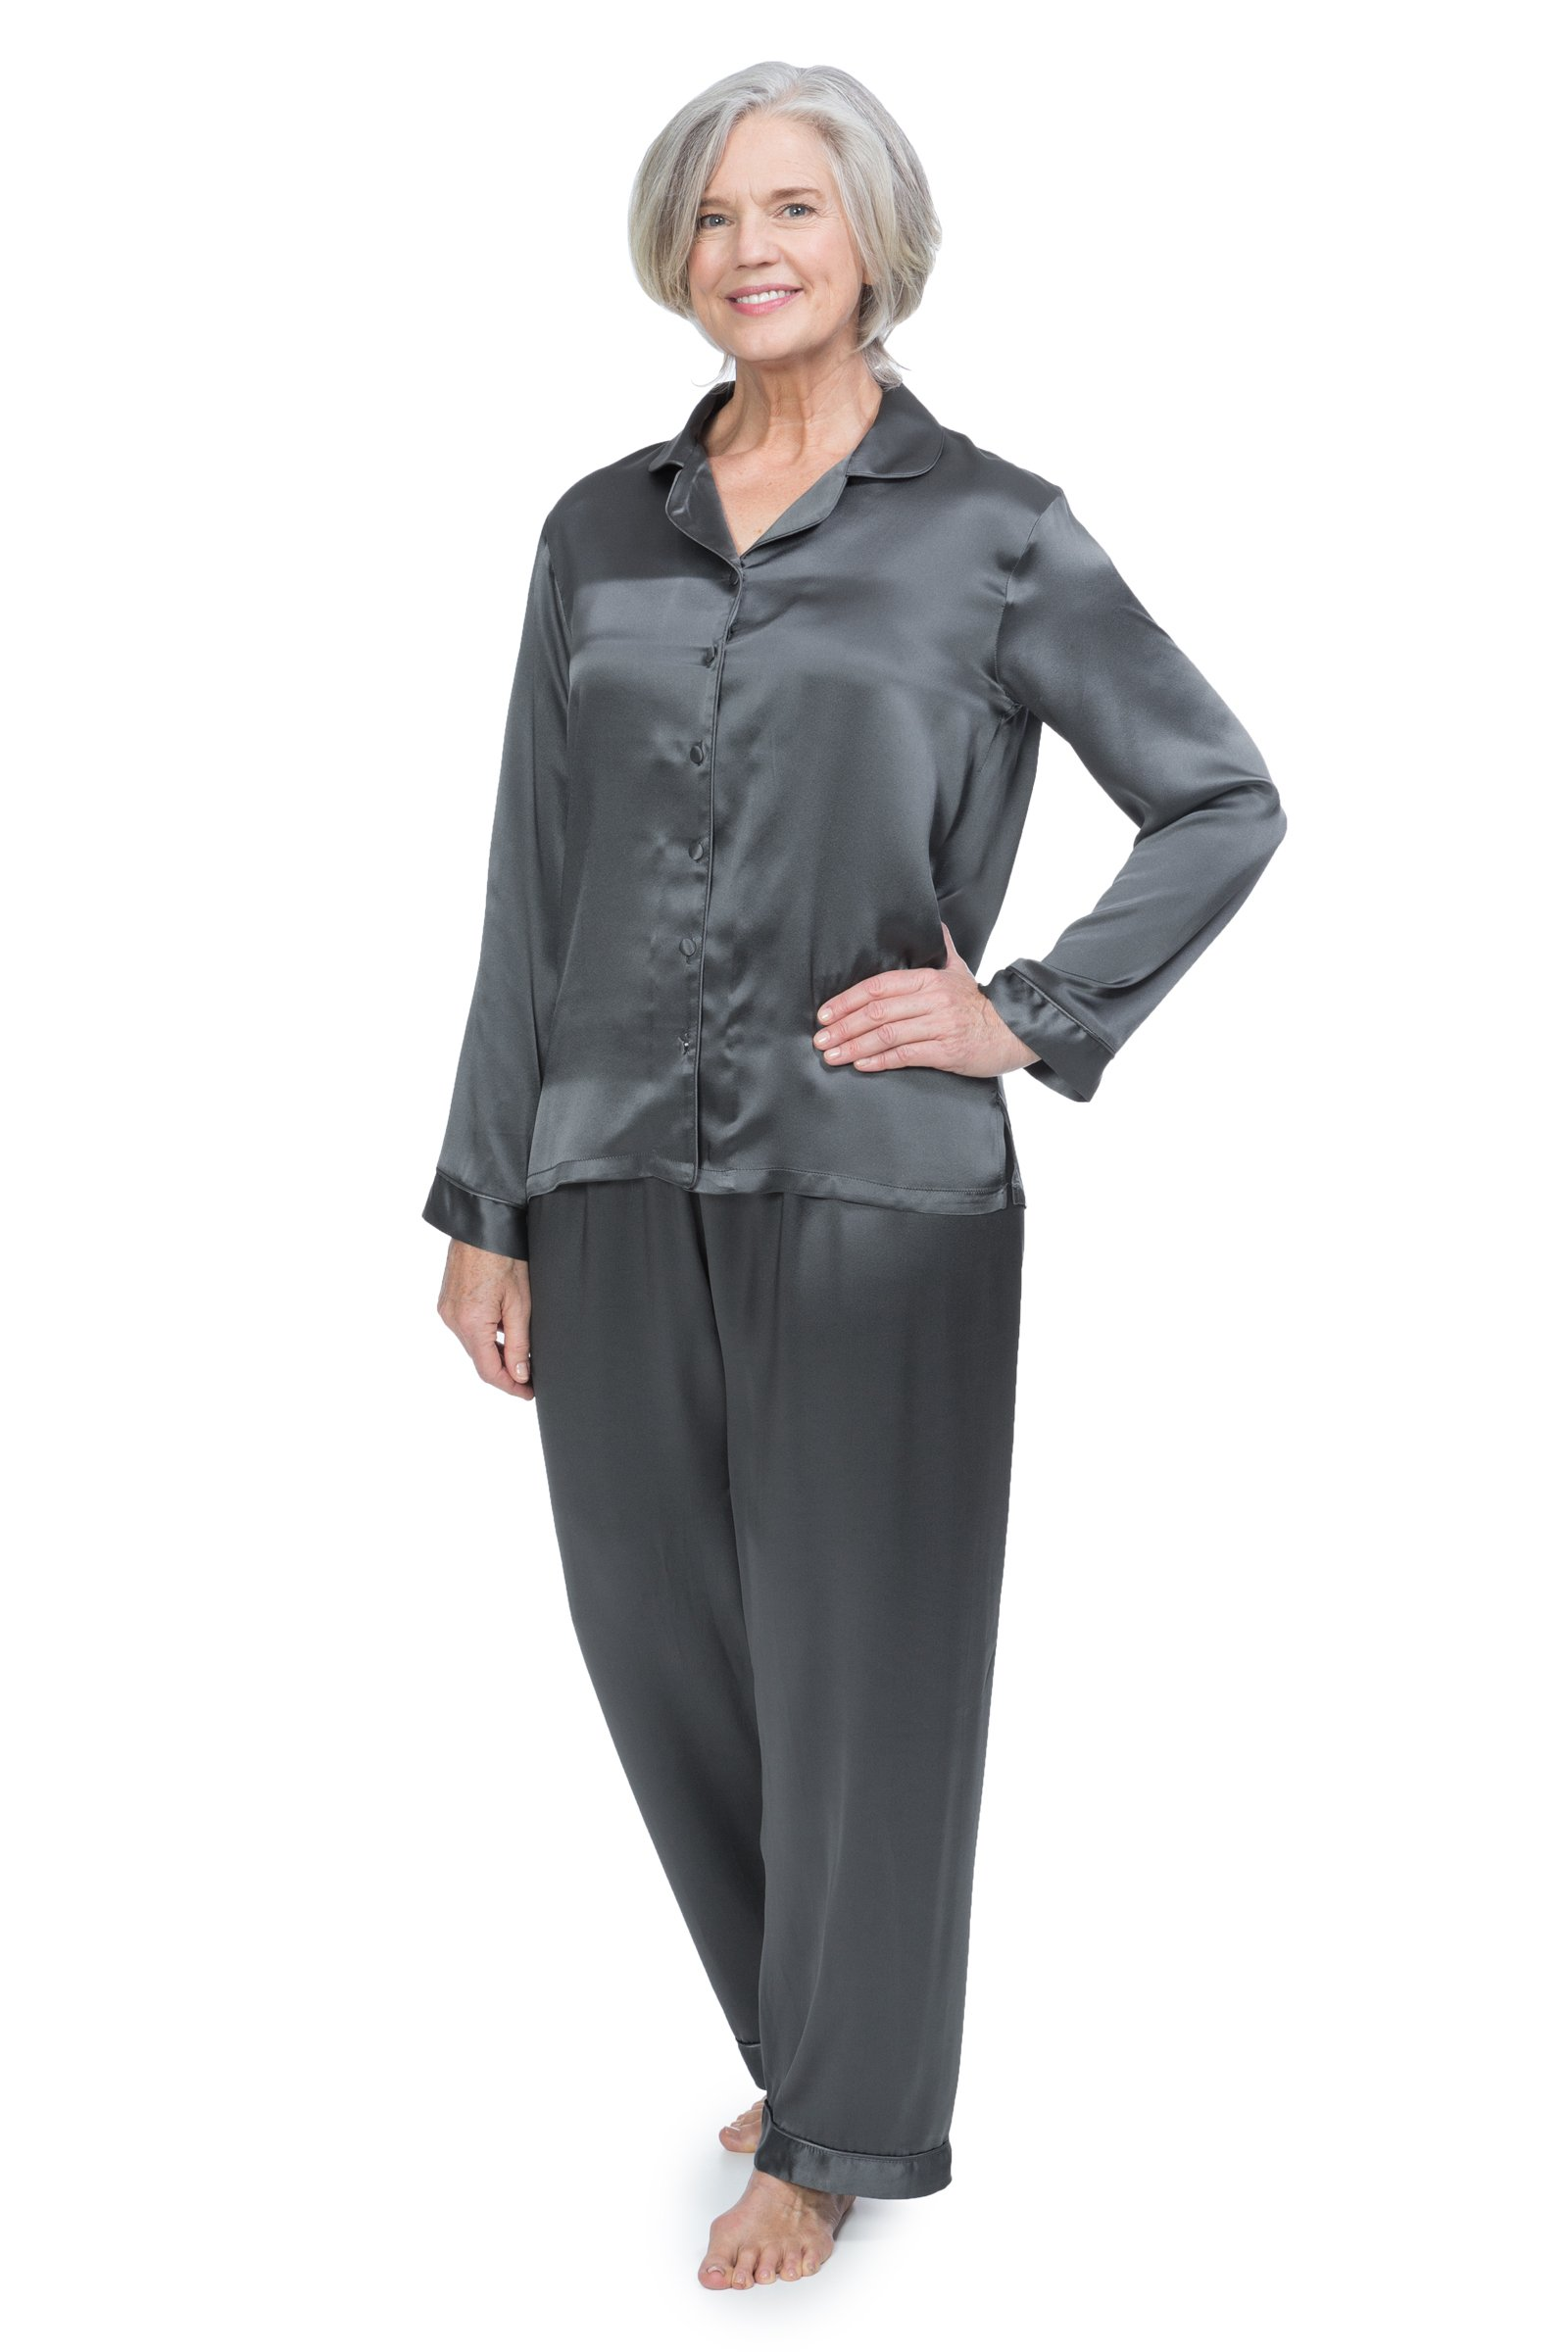 Women's 100% Silk Pajama Set - Luxury Sleepwear Pjs by TexereSilk (Morning Dew, Pewter, Medium) Cute PJs for Her WS0001-PWT-M